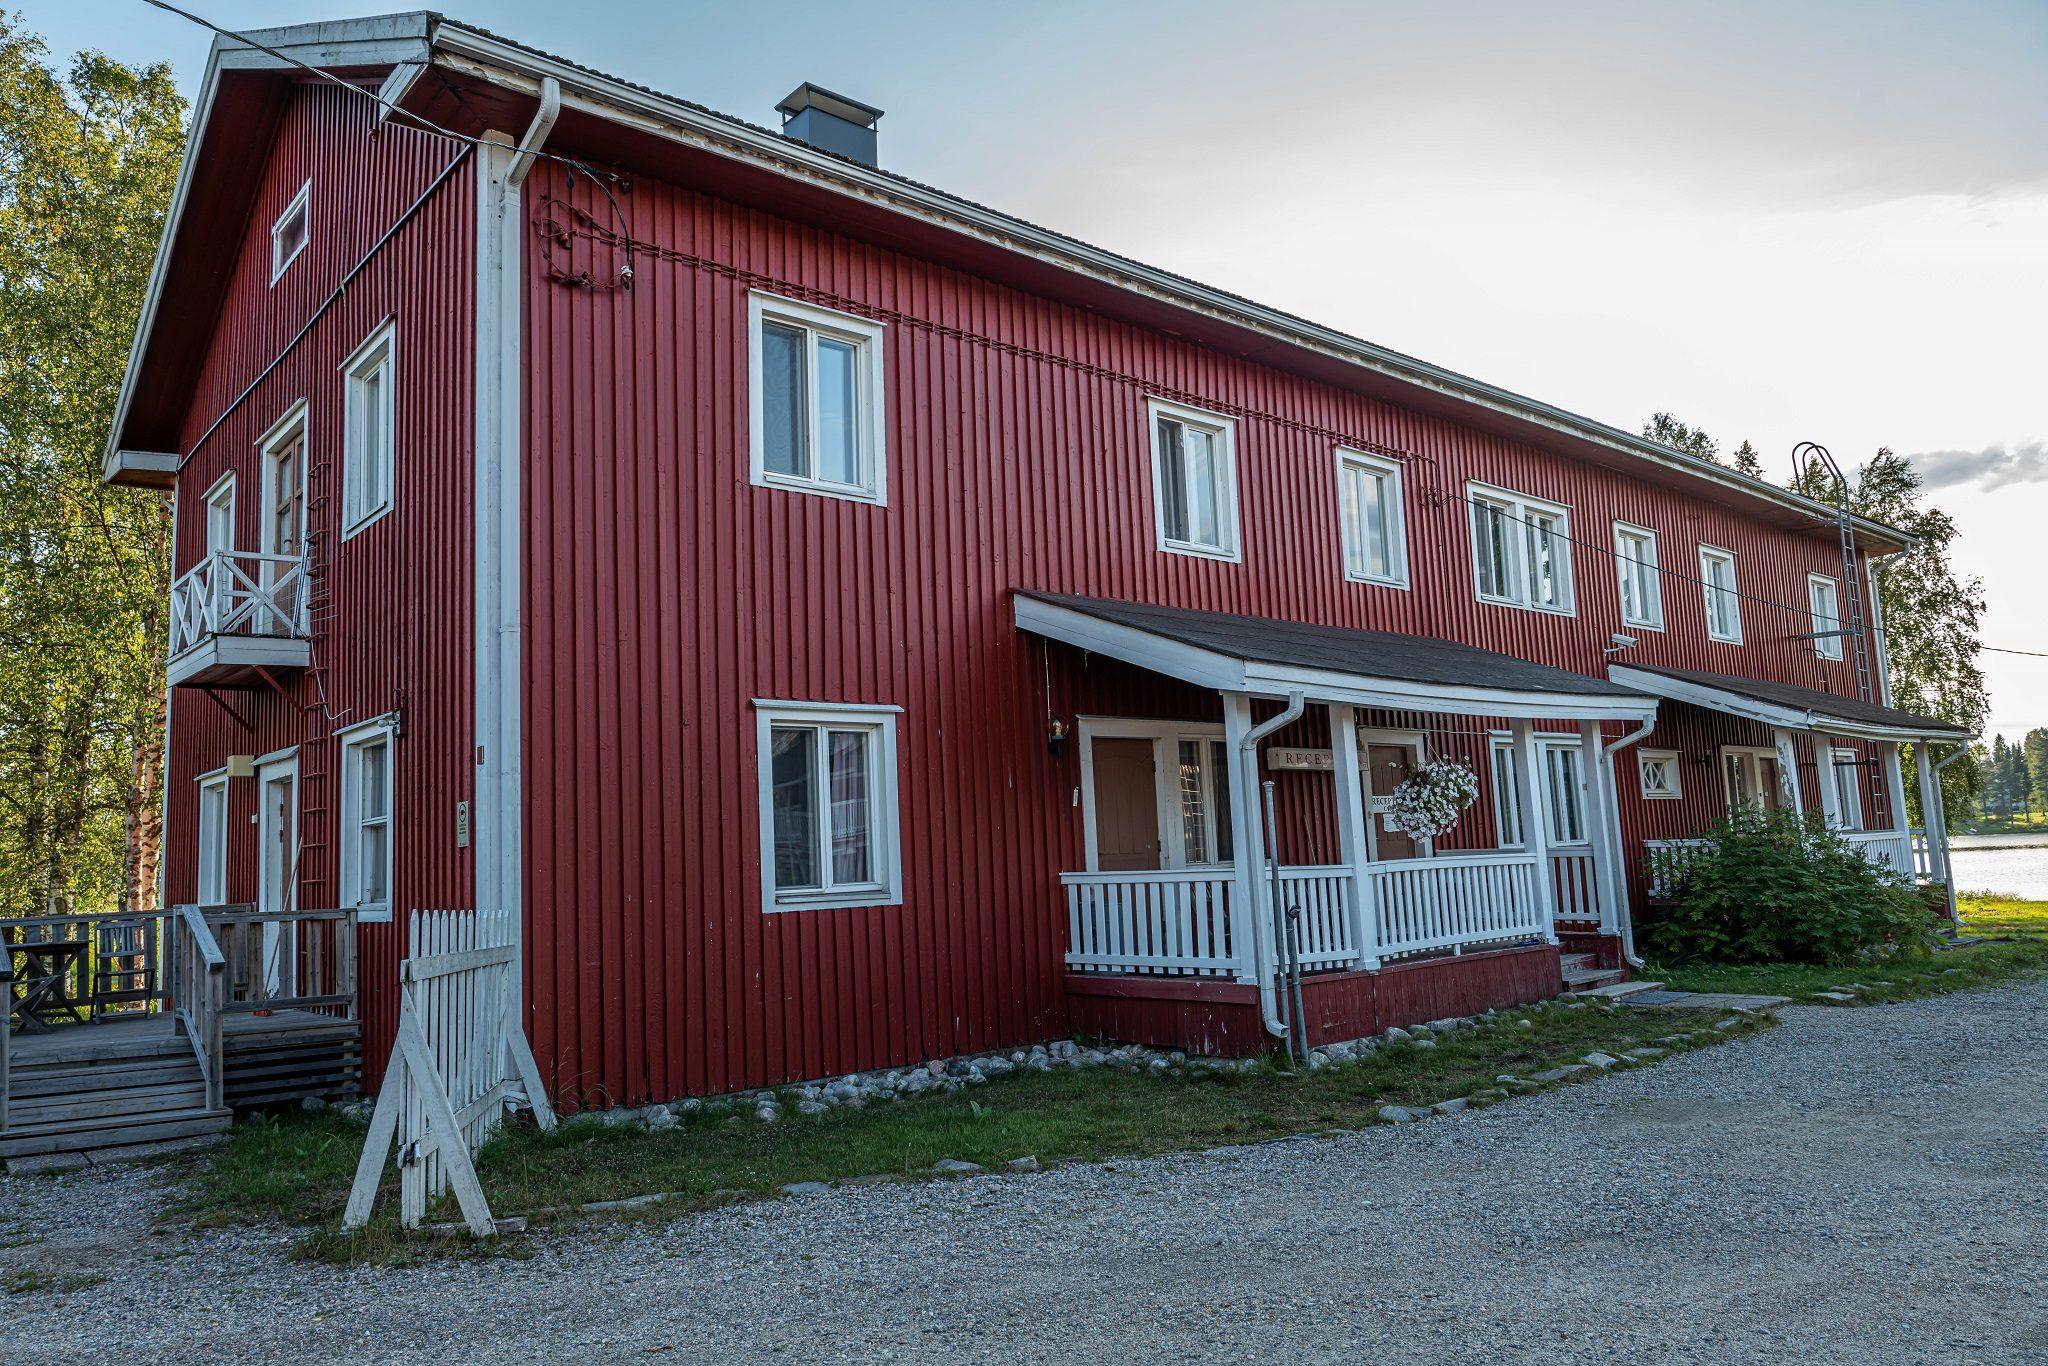 Gasthaus Ranua - majatalo